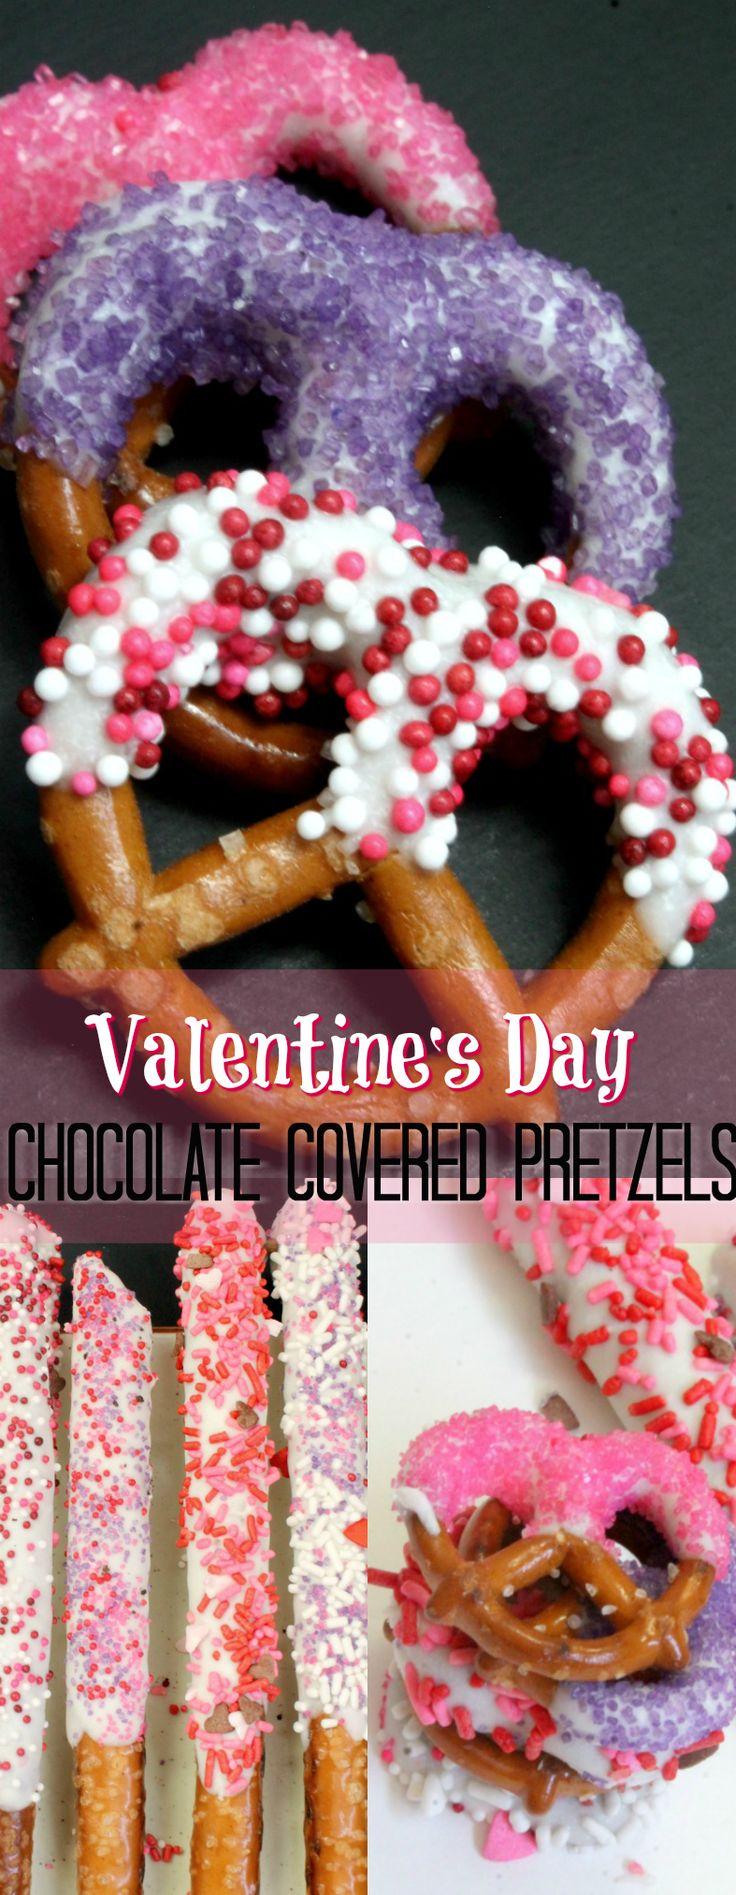 Valentine Dipped Pretzels. Valentines Day Chocolate Covered Pretzels best kid friendly valentine recipes. Make Chocolate Dipped pretzel rods